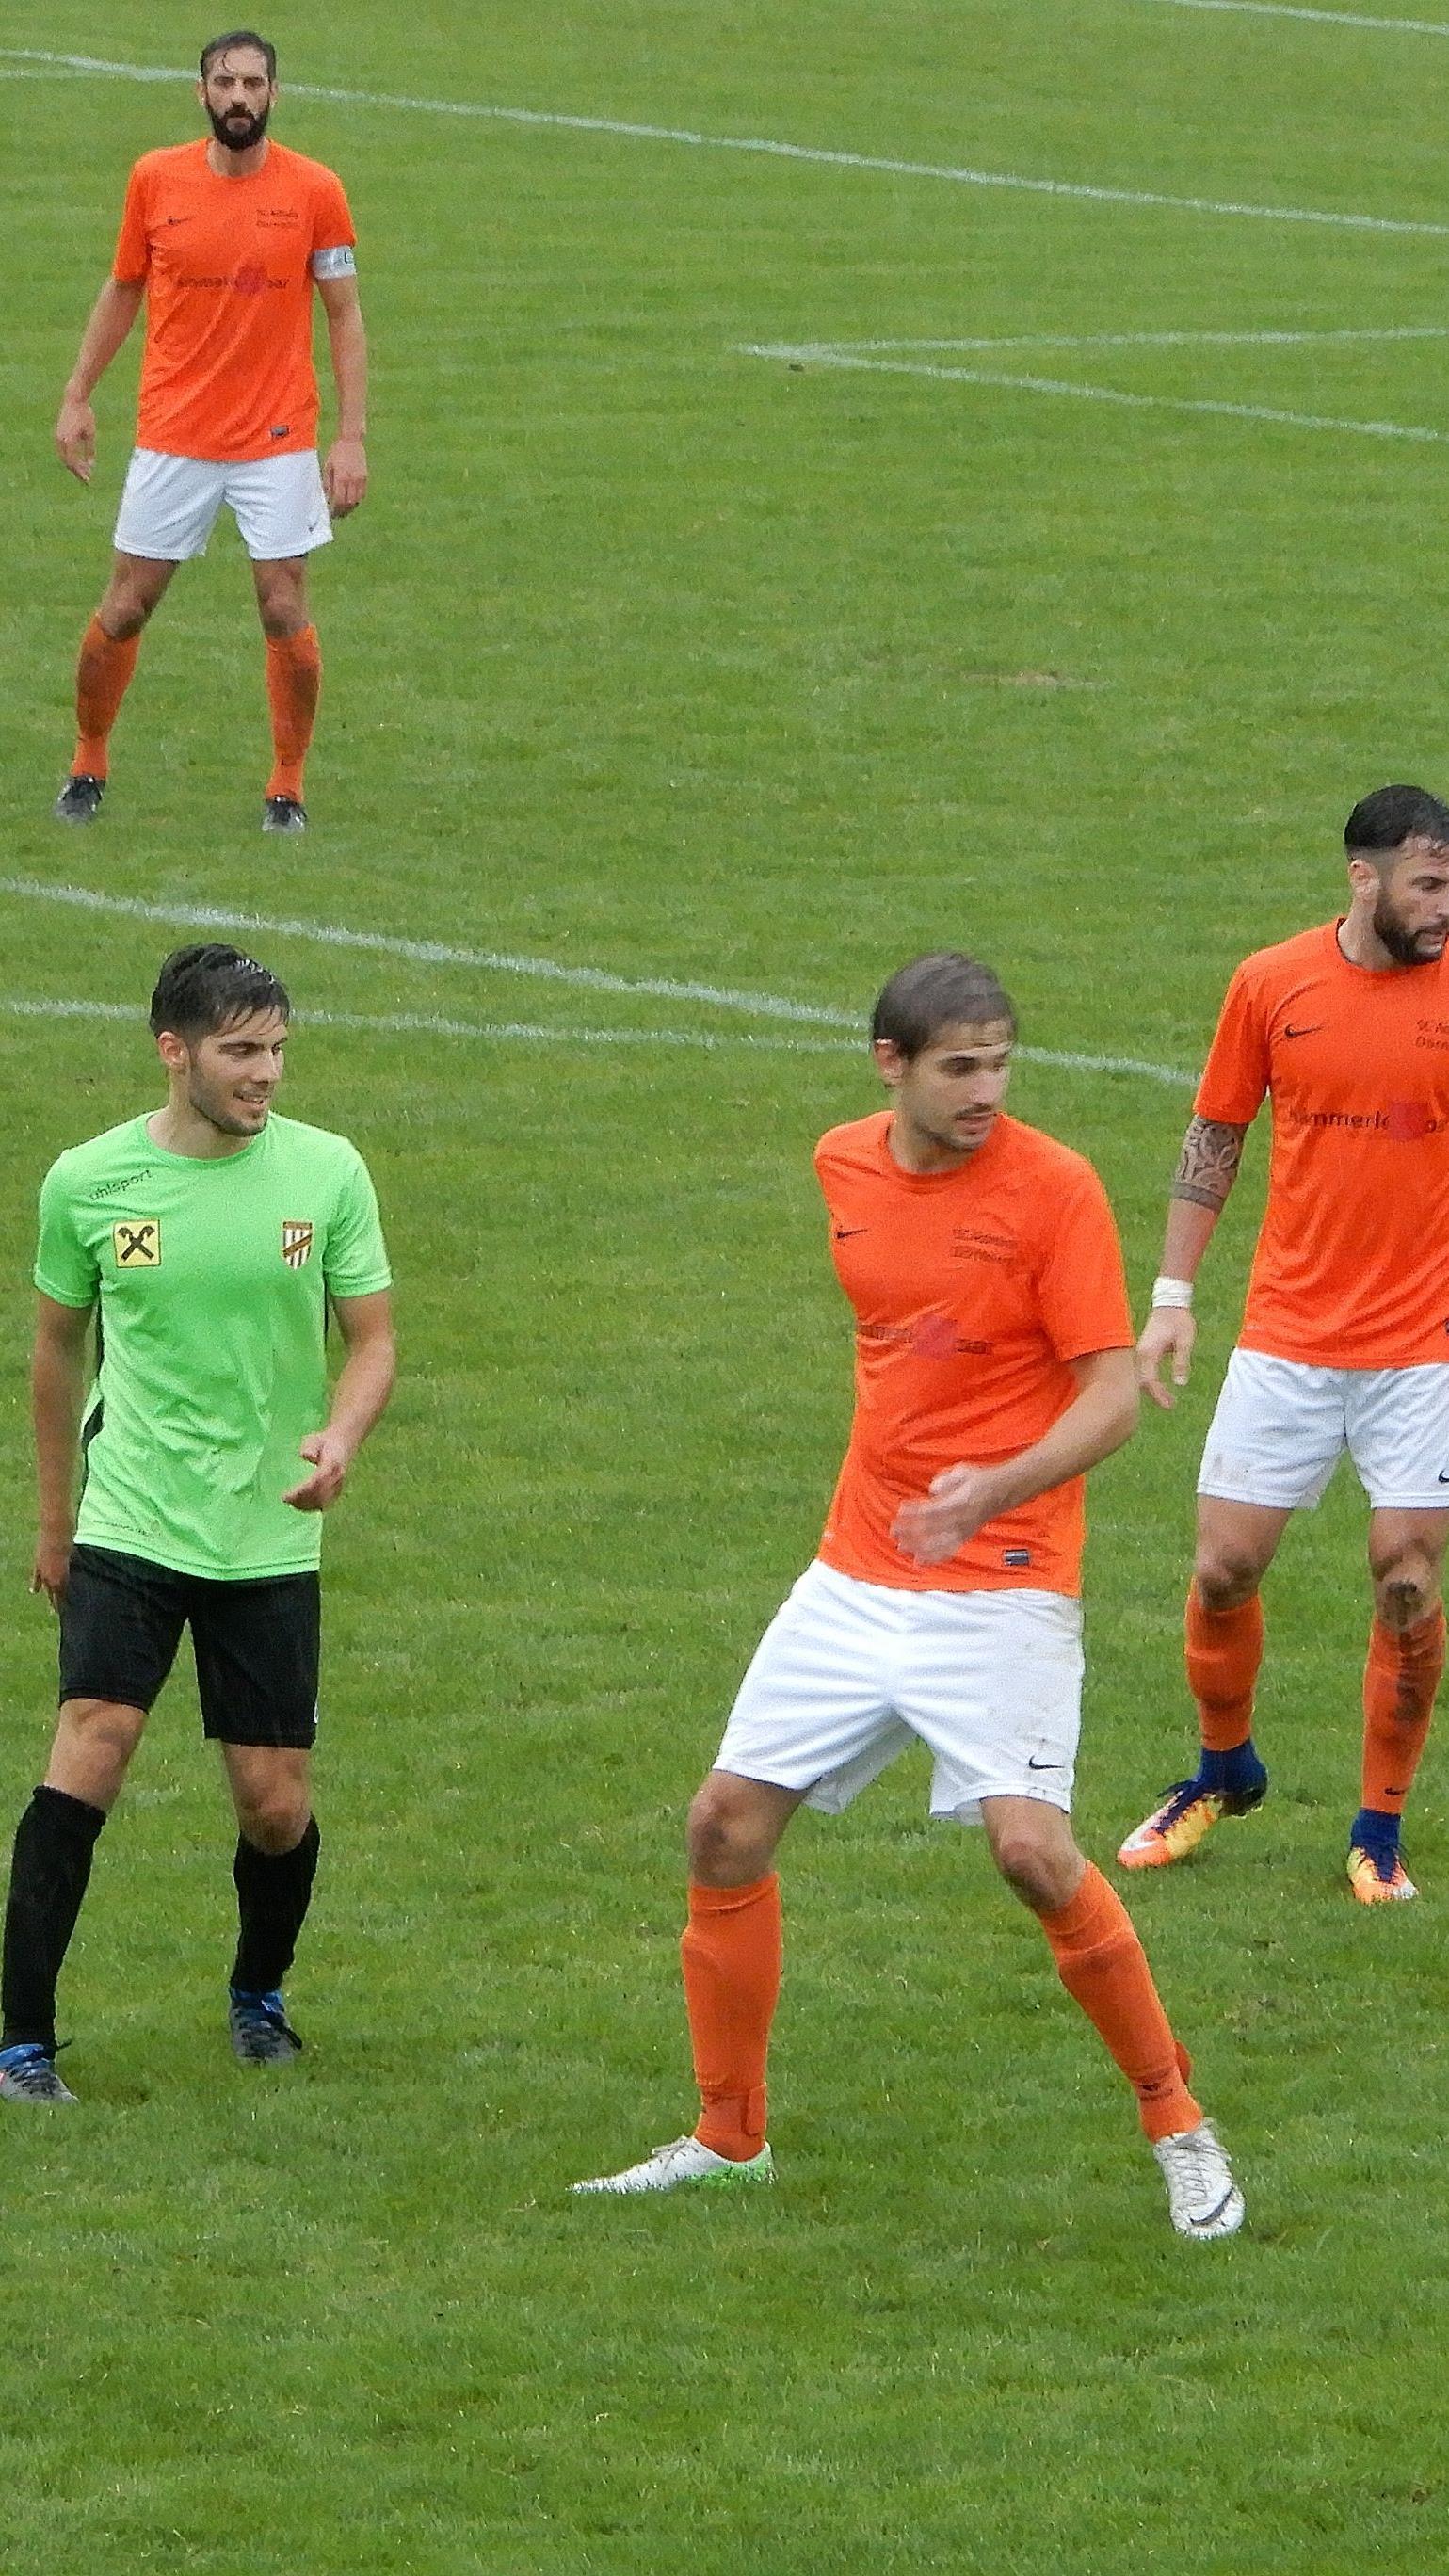 Keine Punkte gab es für die Admira Dornbirn bei der Partie gegen die Austria Lustenau Amateure zu holen.